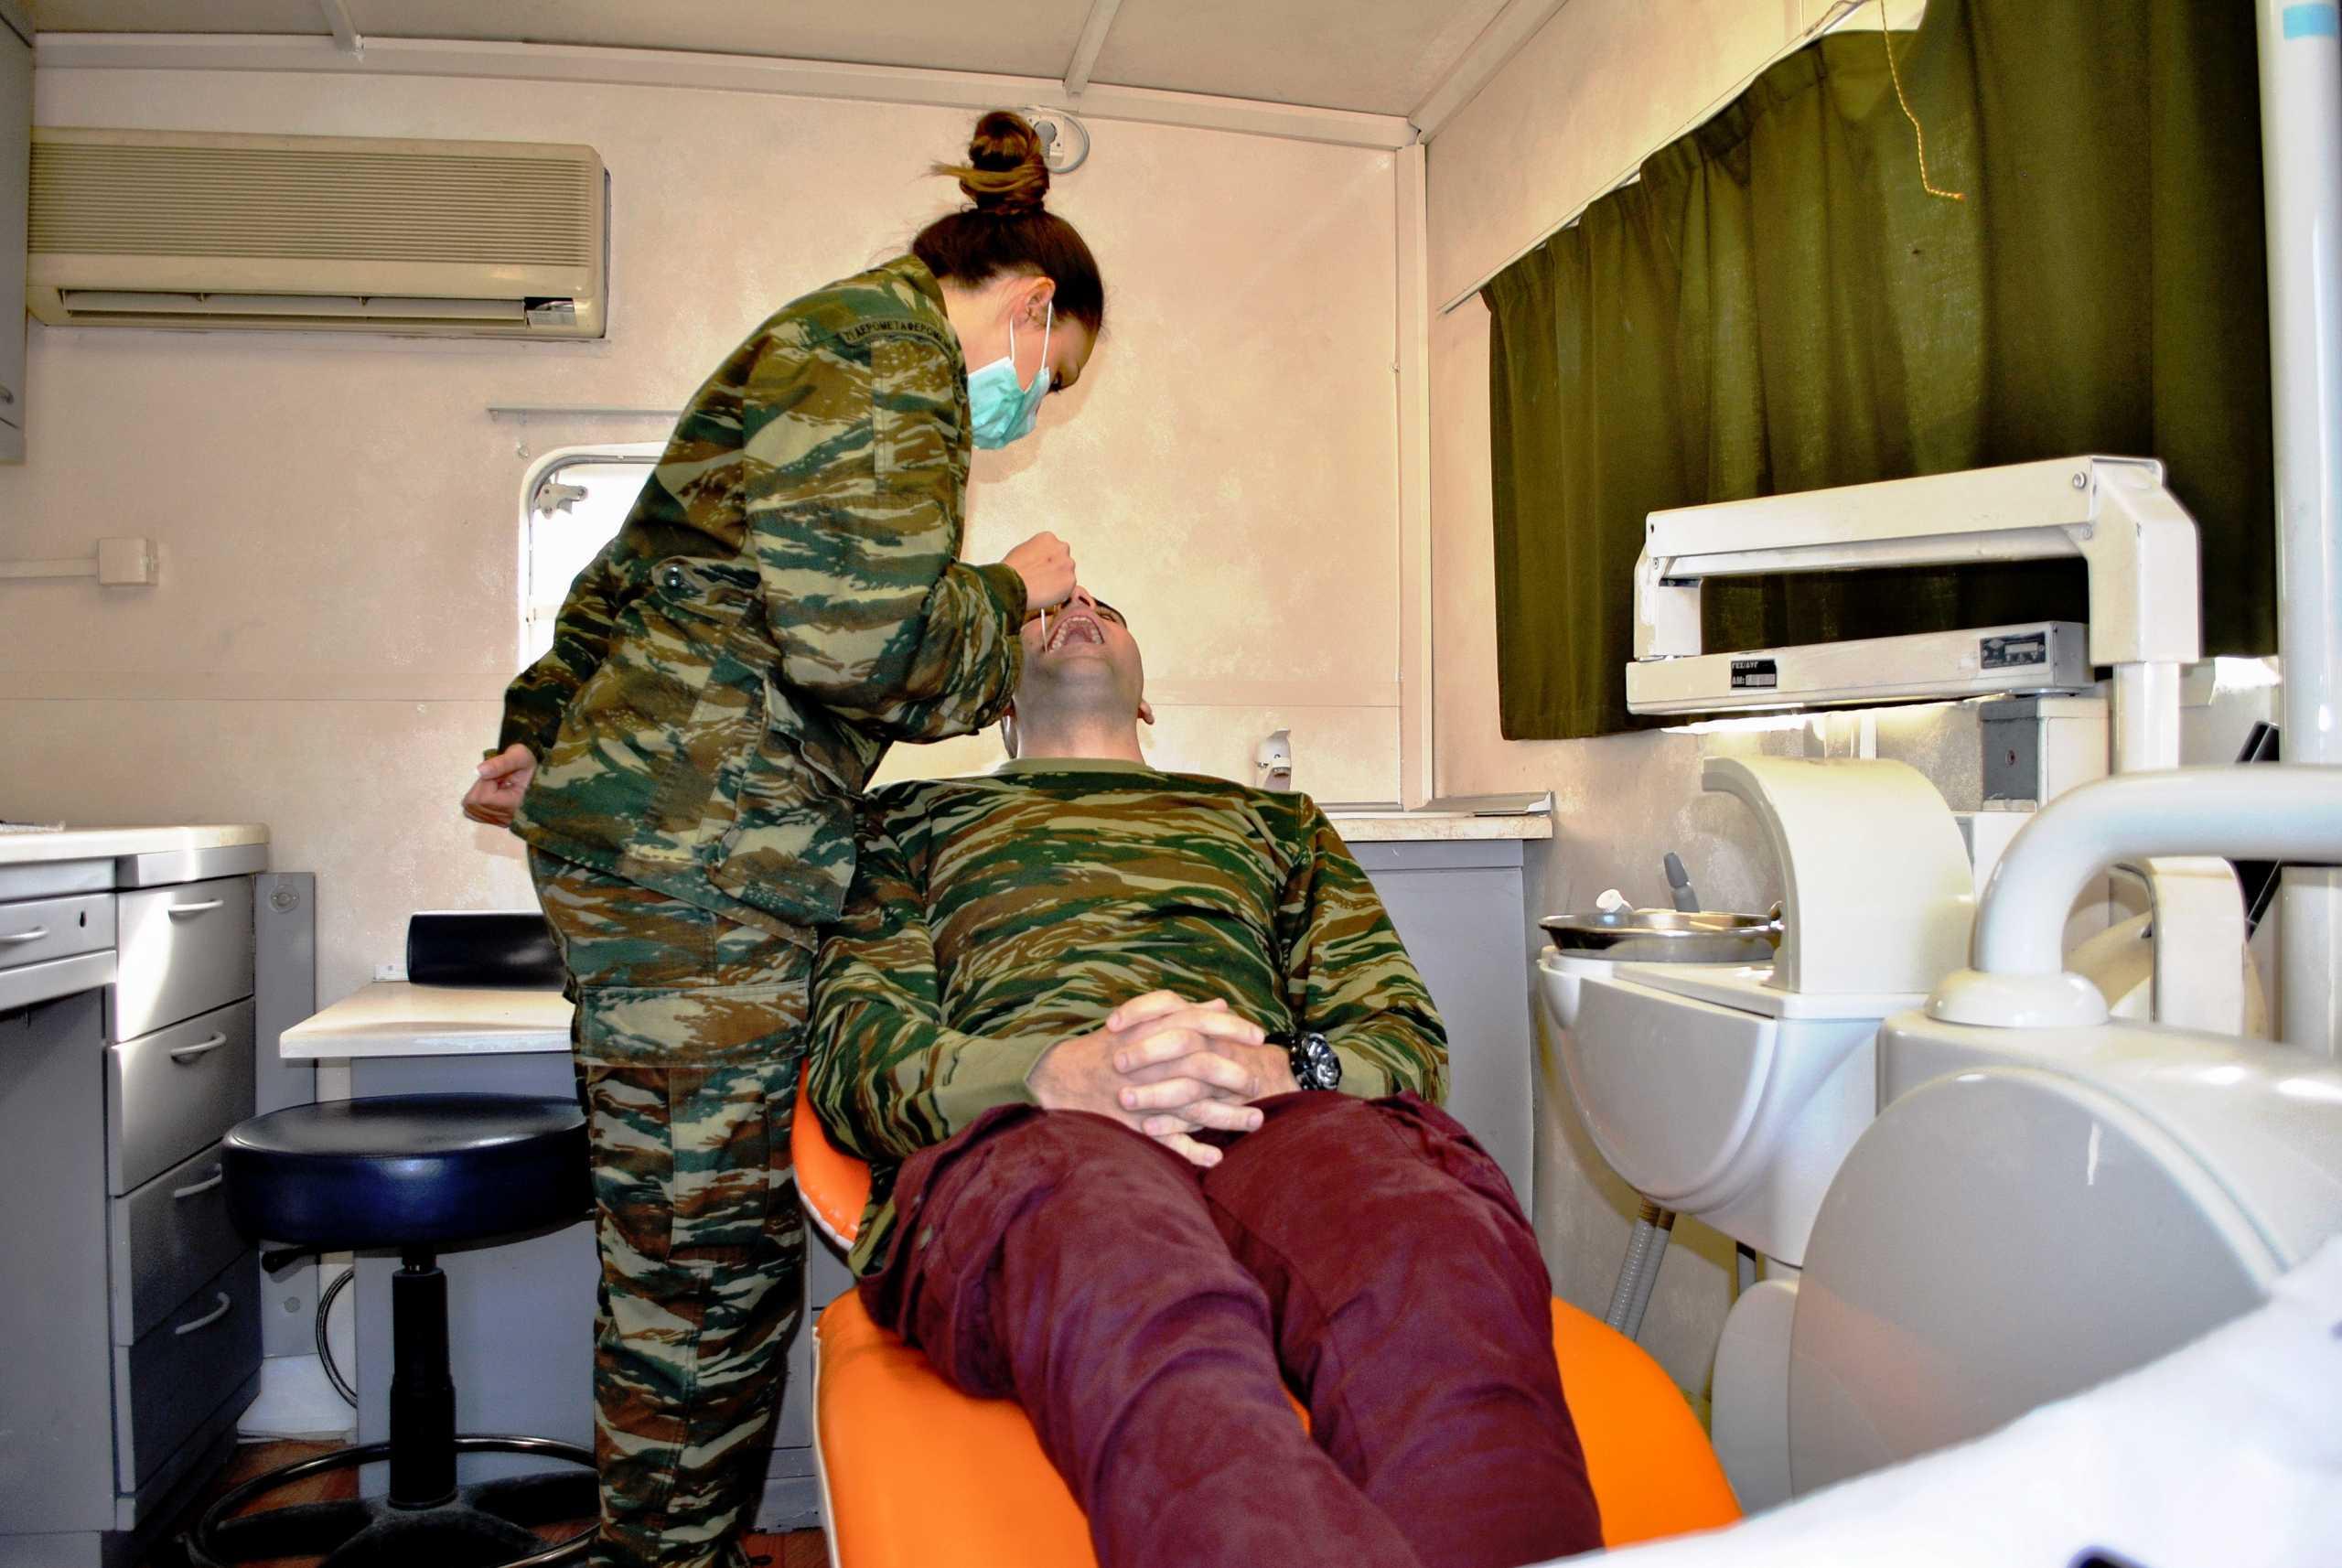 Ένοπλες Δυνάμεις: Σε μοριακό τεστ υποβάλλονται οι υπόχρεοι κατάταξης με τη νέα ΕΣΣΟ